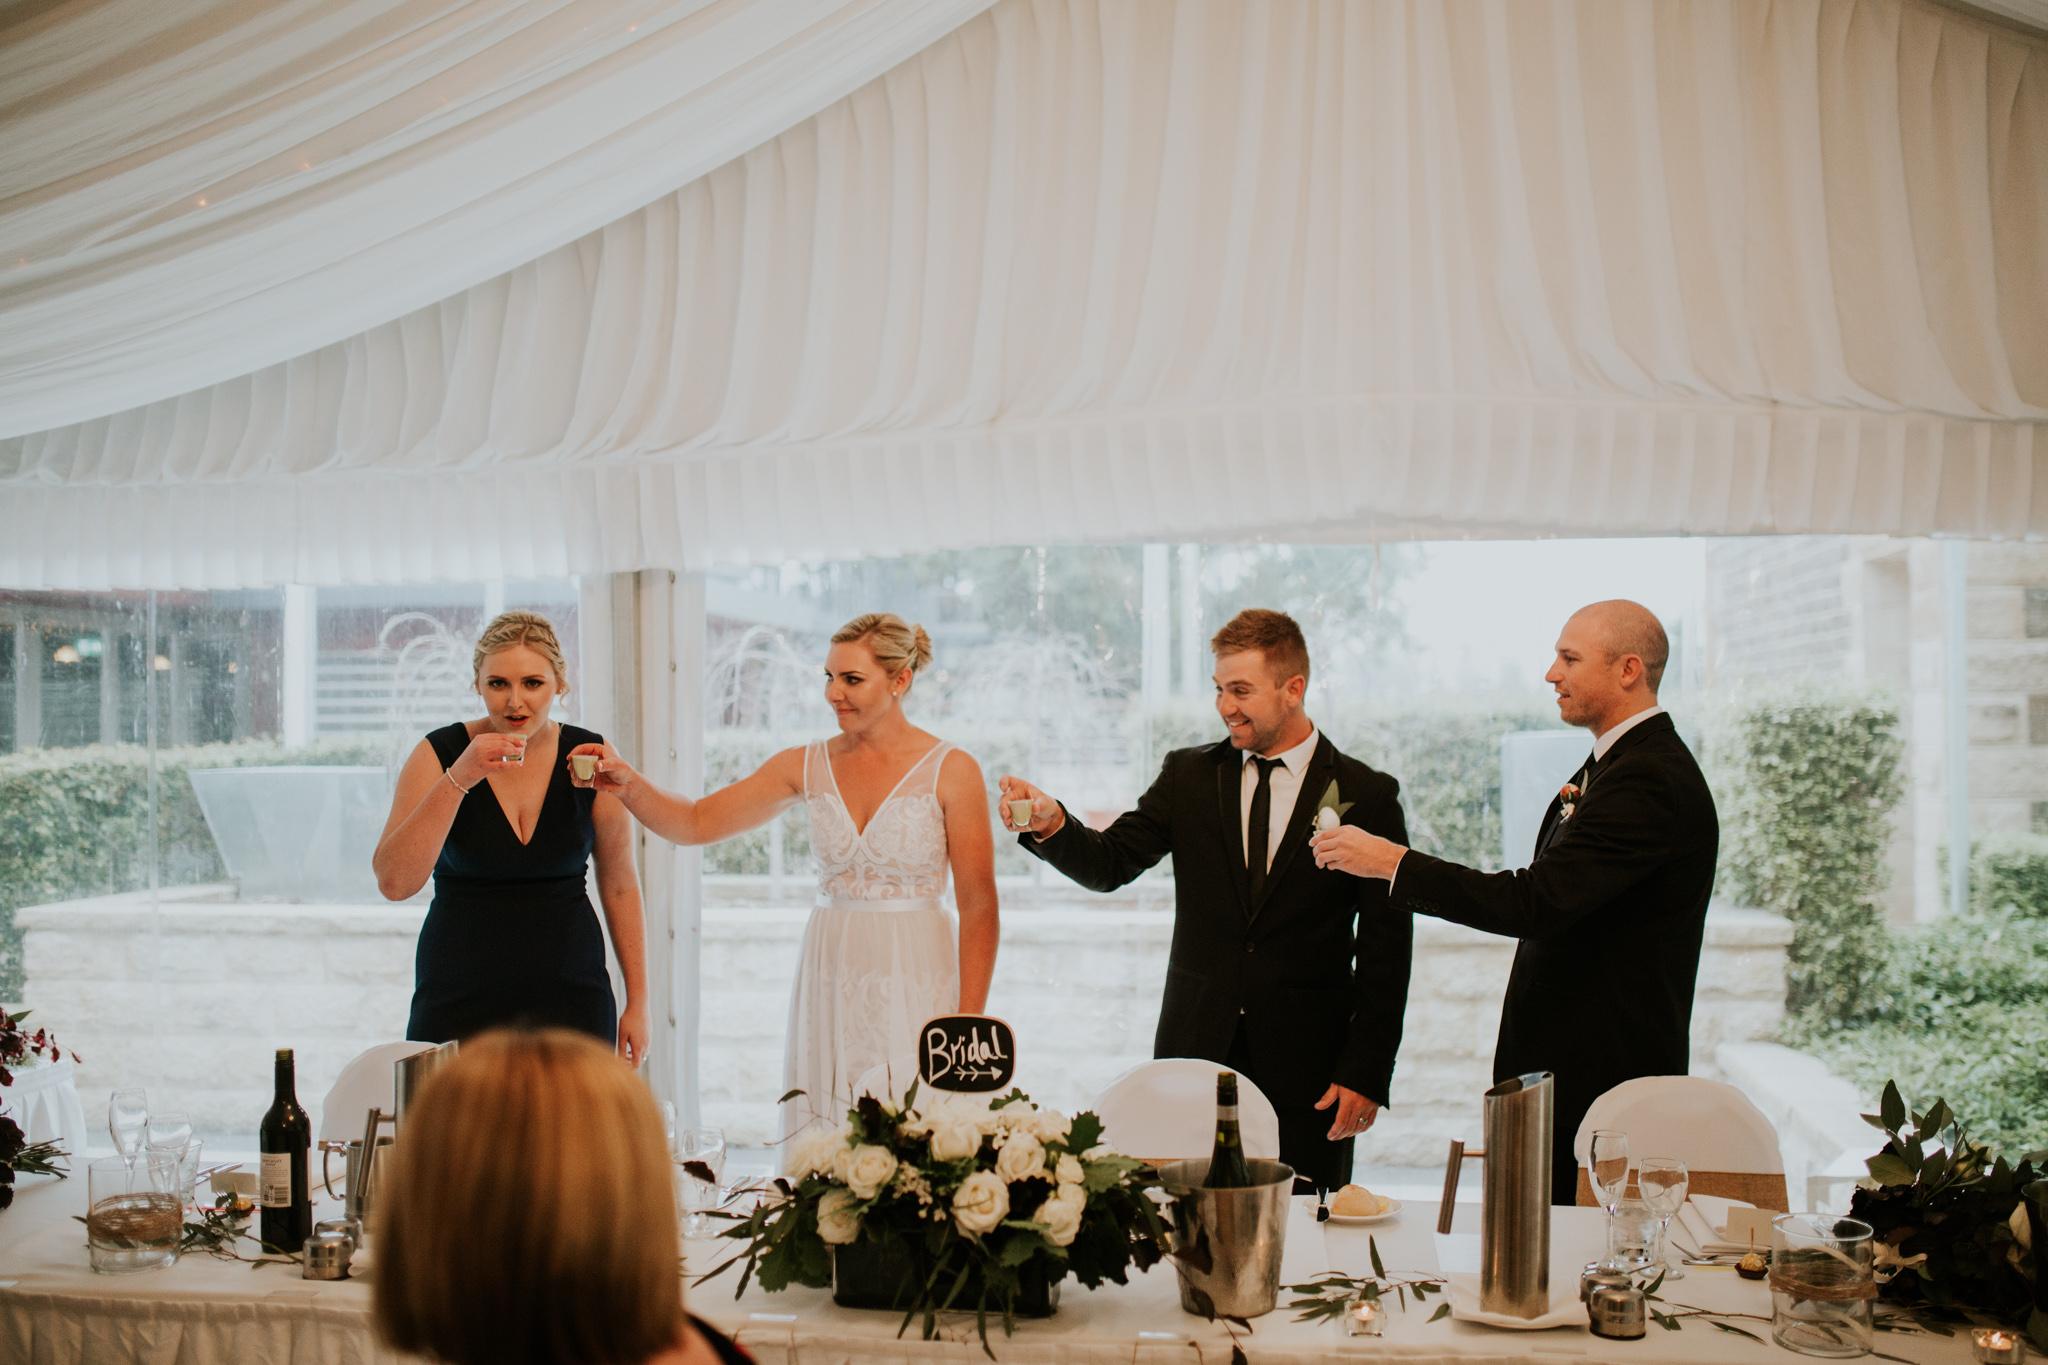 Lucy+Kyle+Kiama+Sebel+wedding-133.jpg